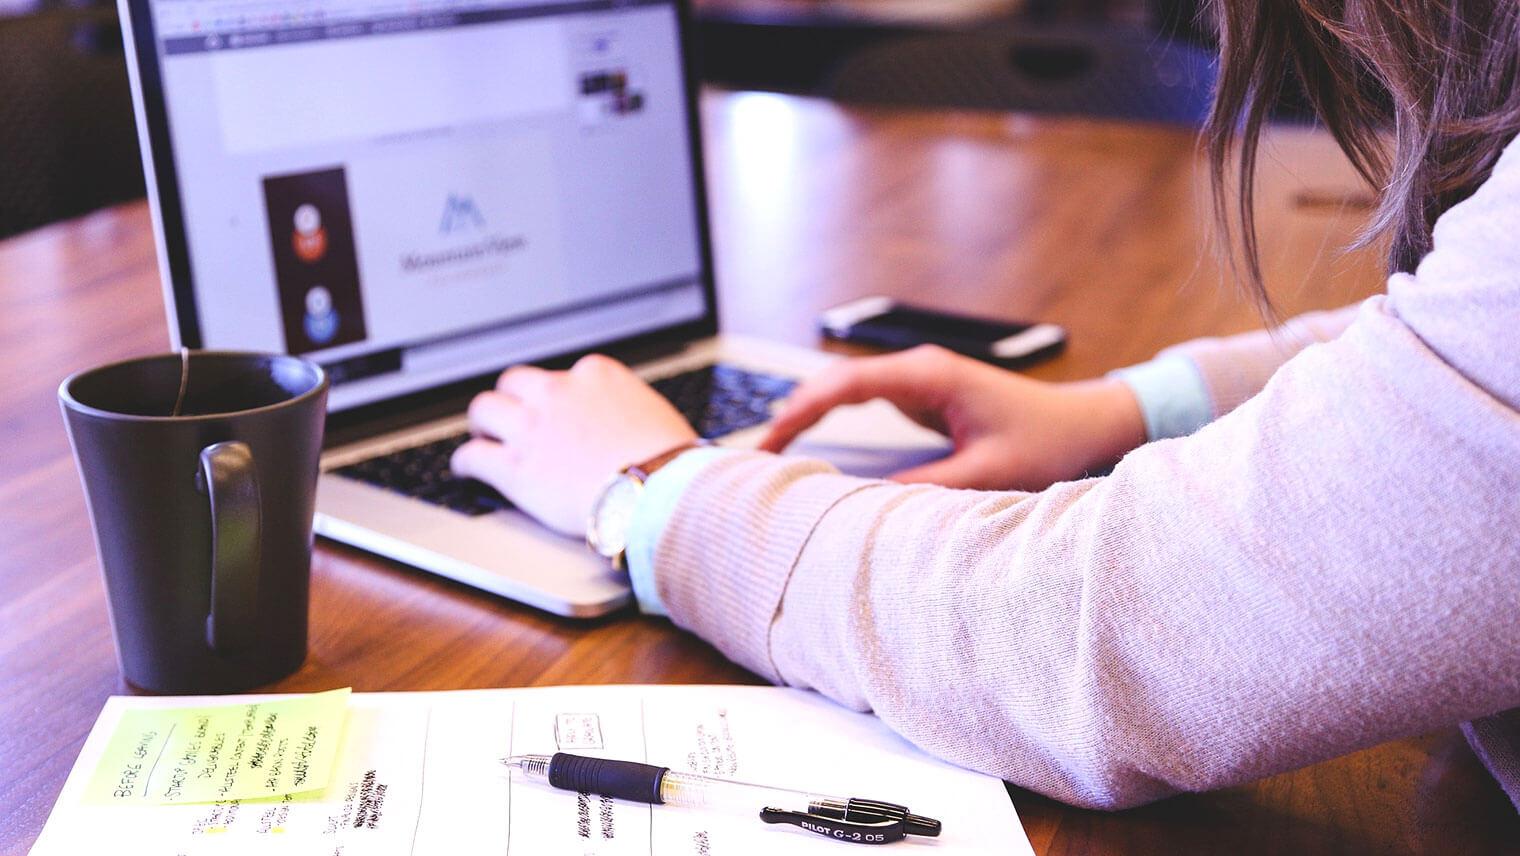 女性が机の上で資料を広げてPCをうっている画像